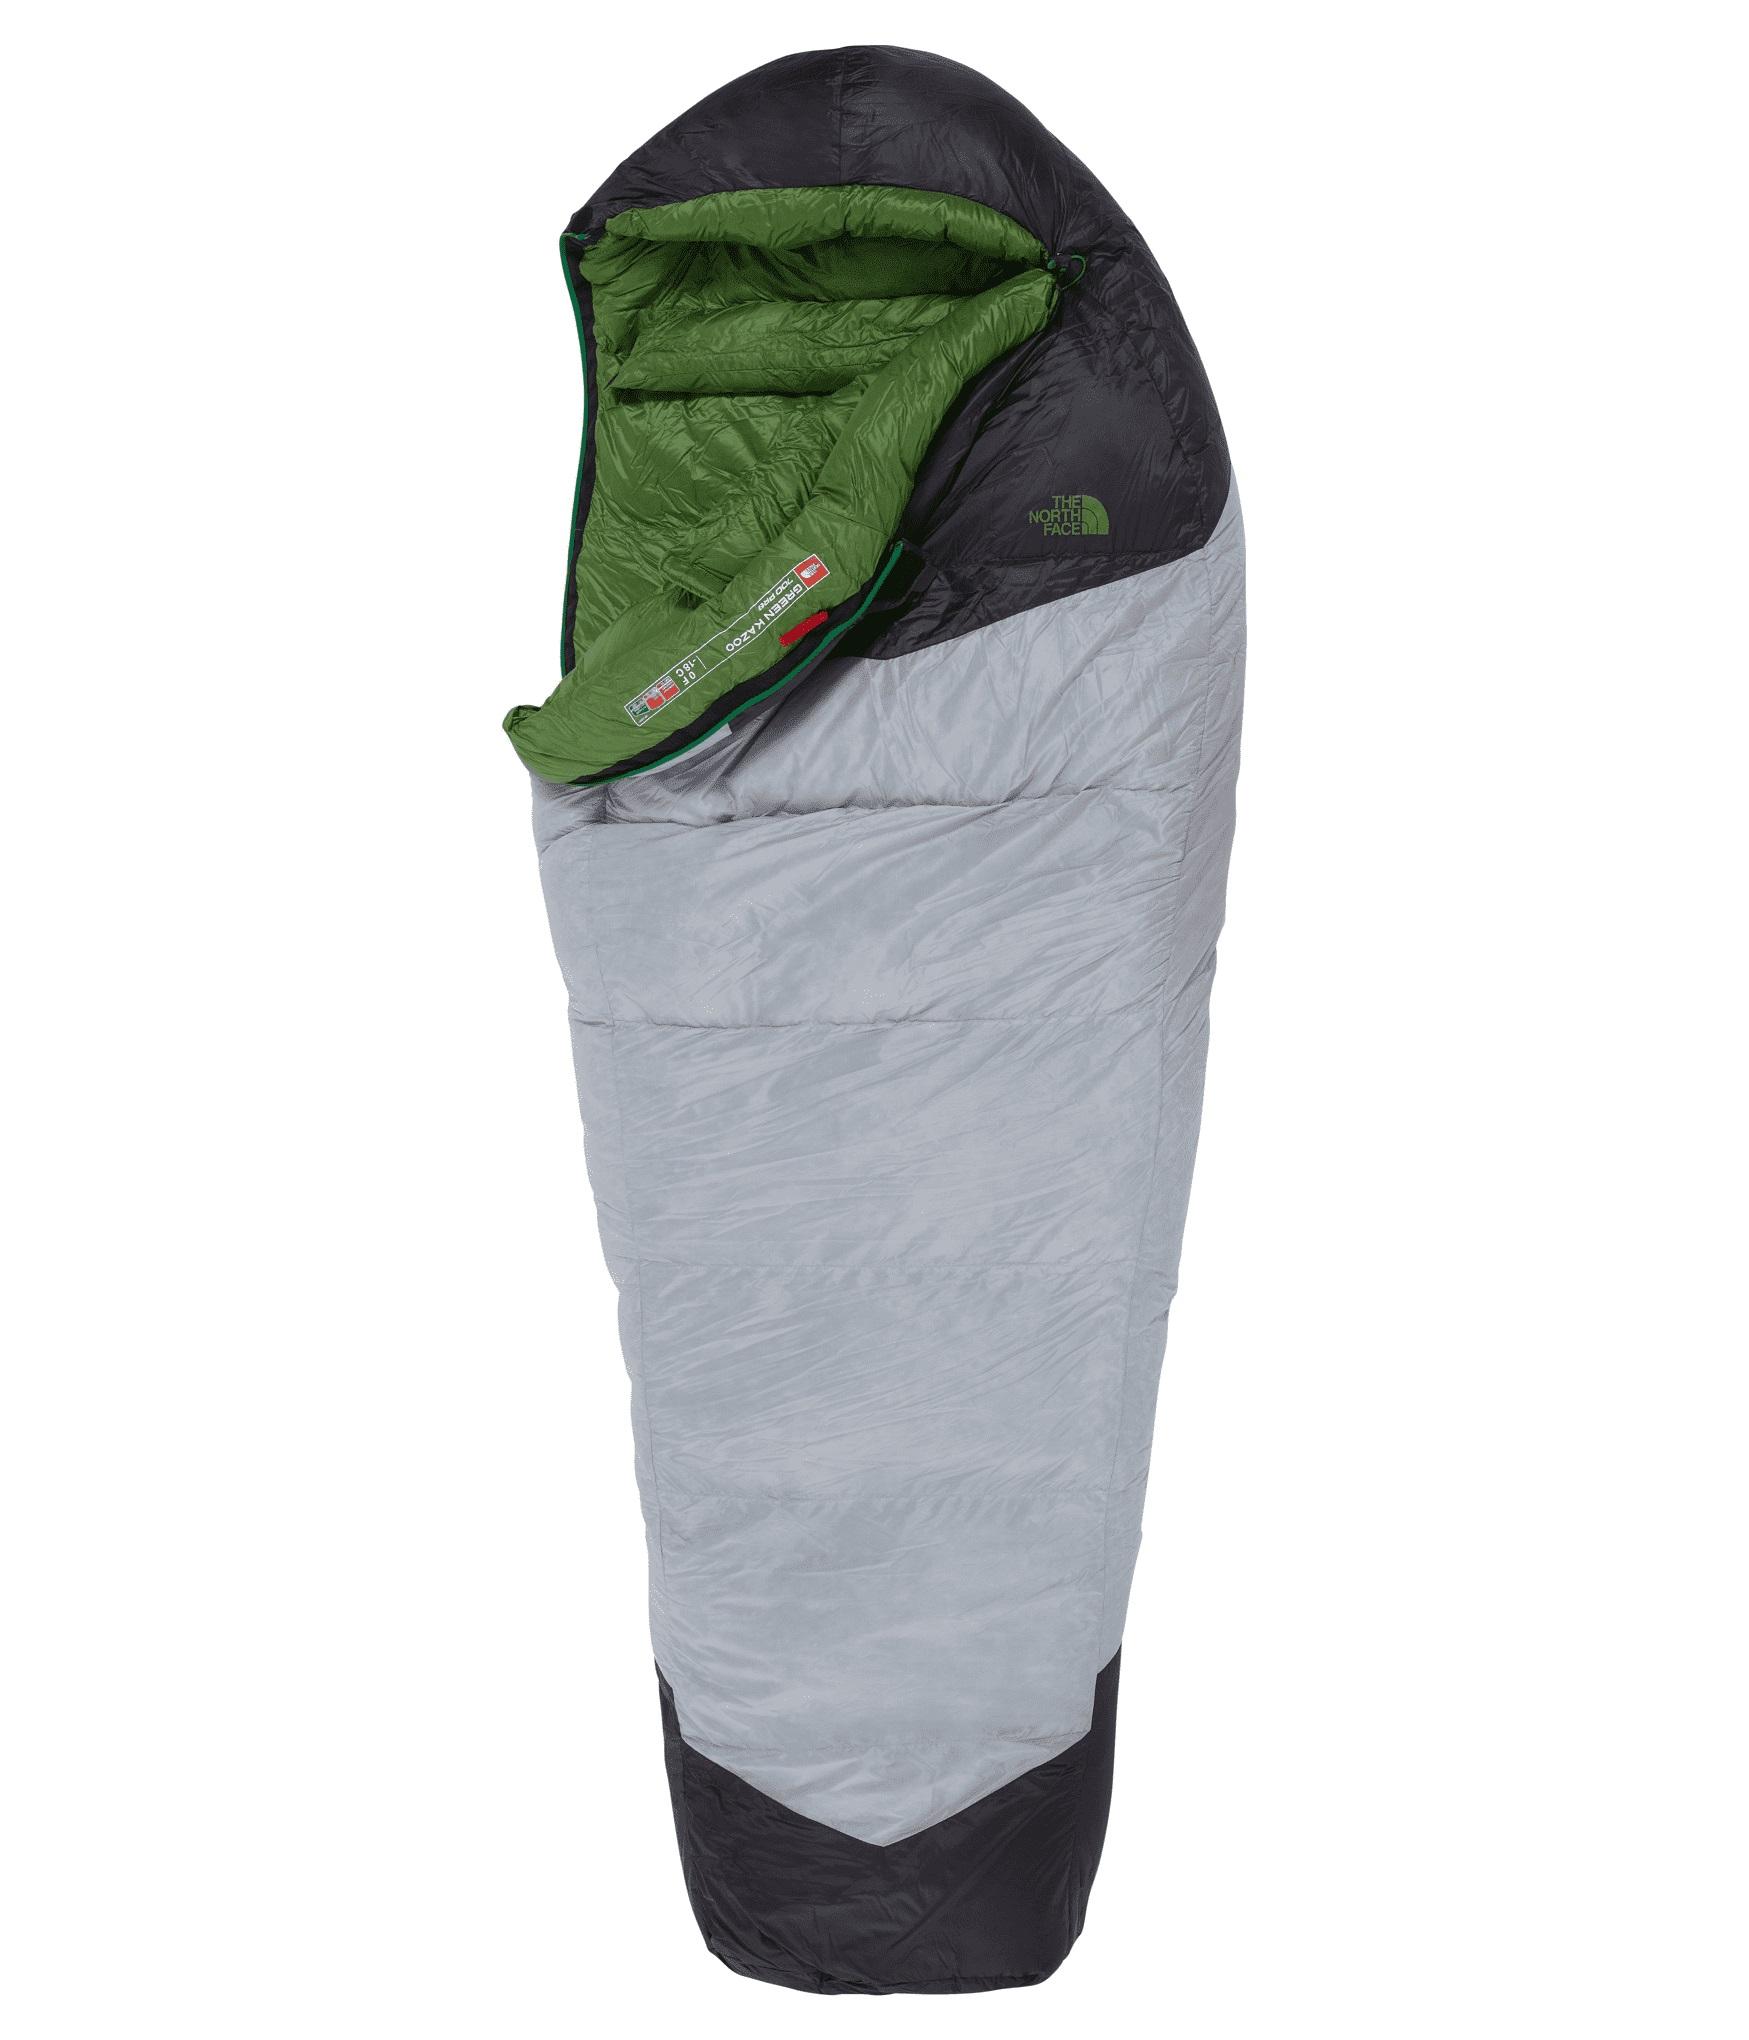 Спальный мешок The North Face Green Kazoo Regular